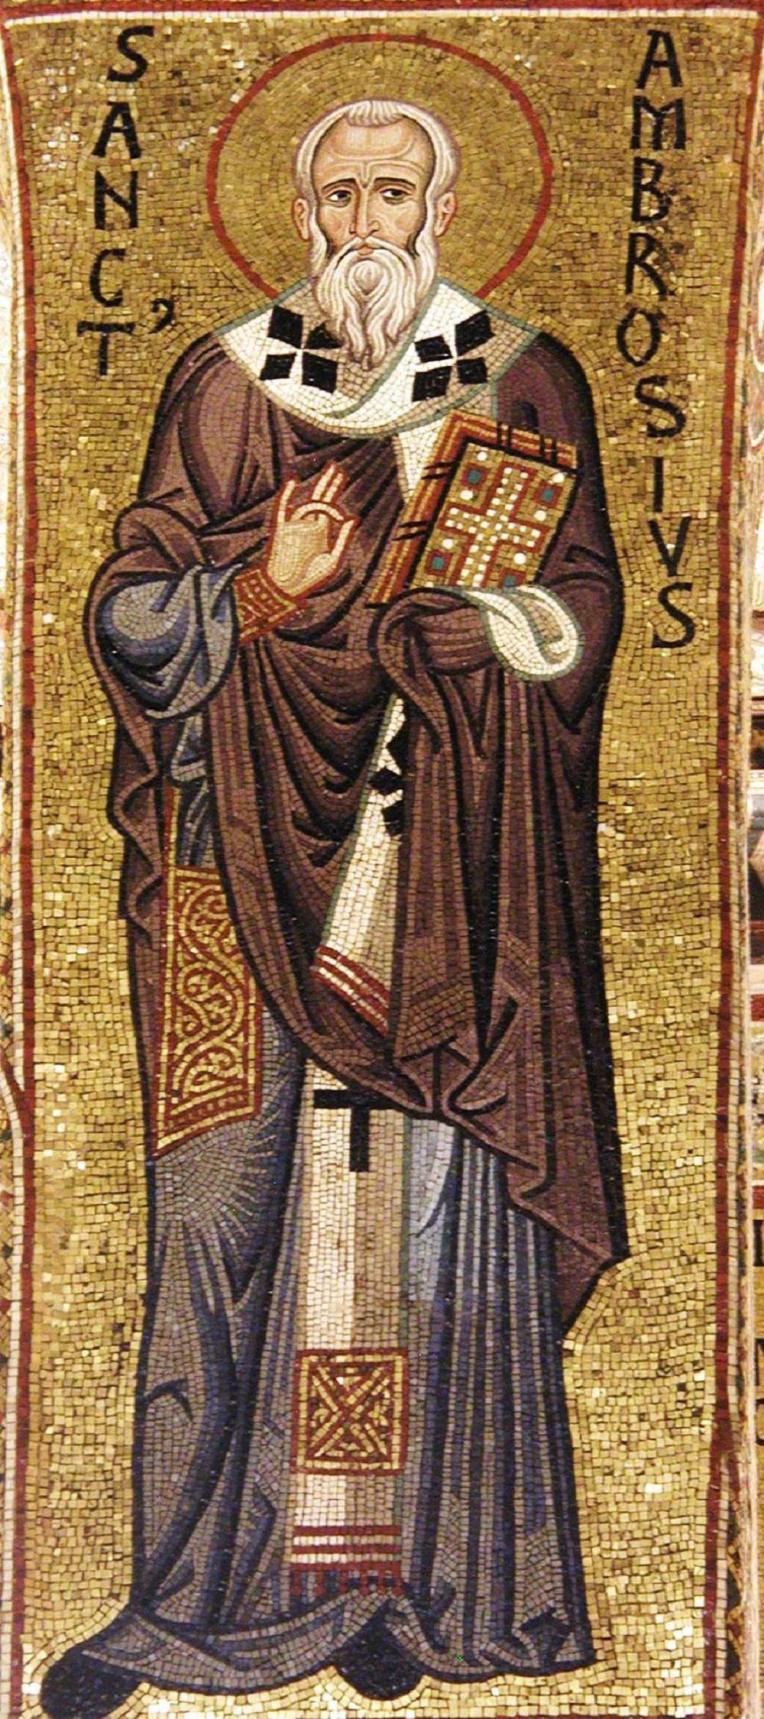 St. Ambrose mosaic